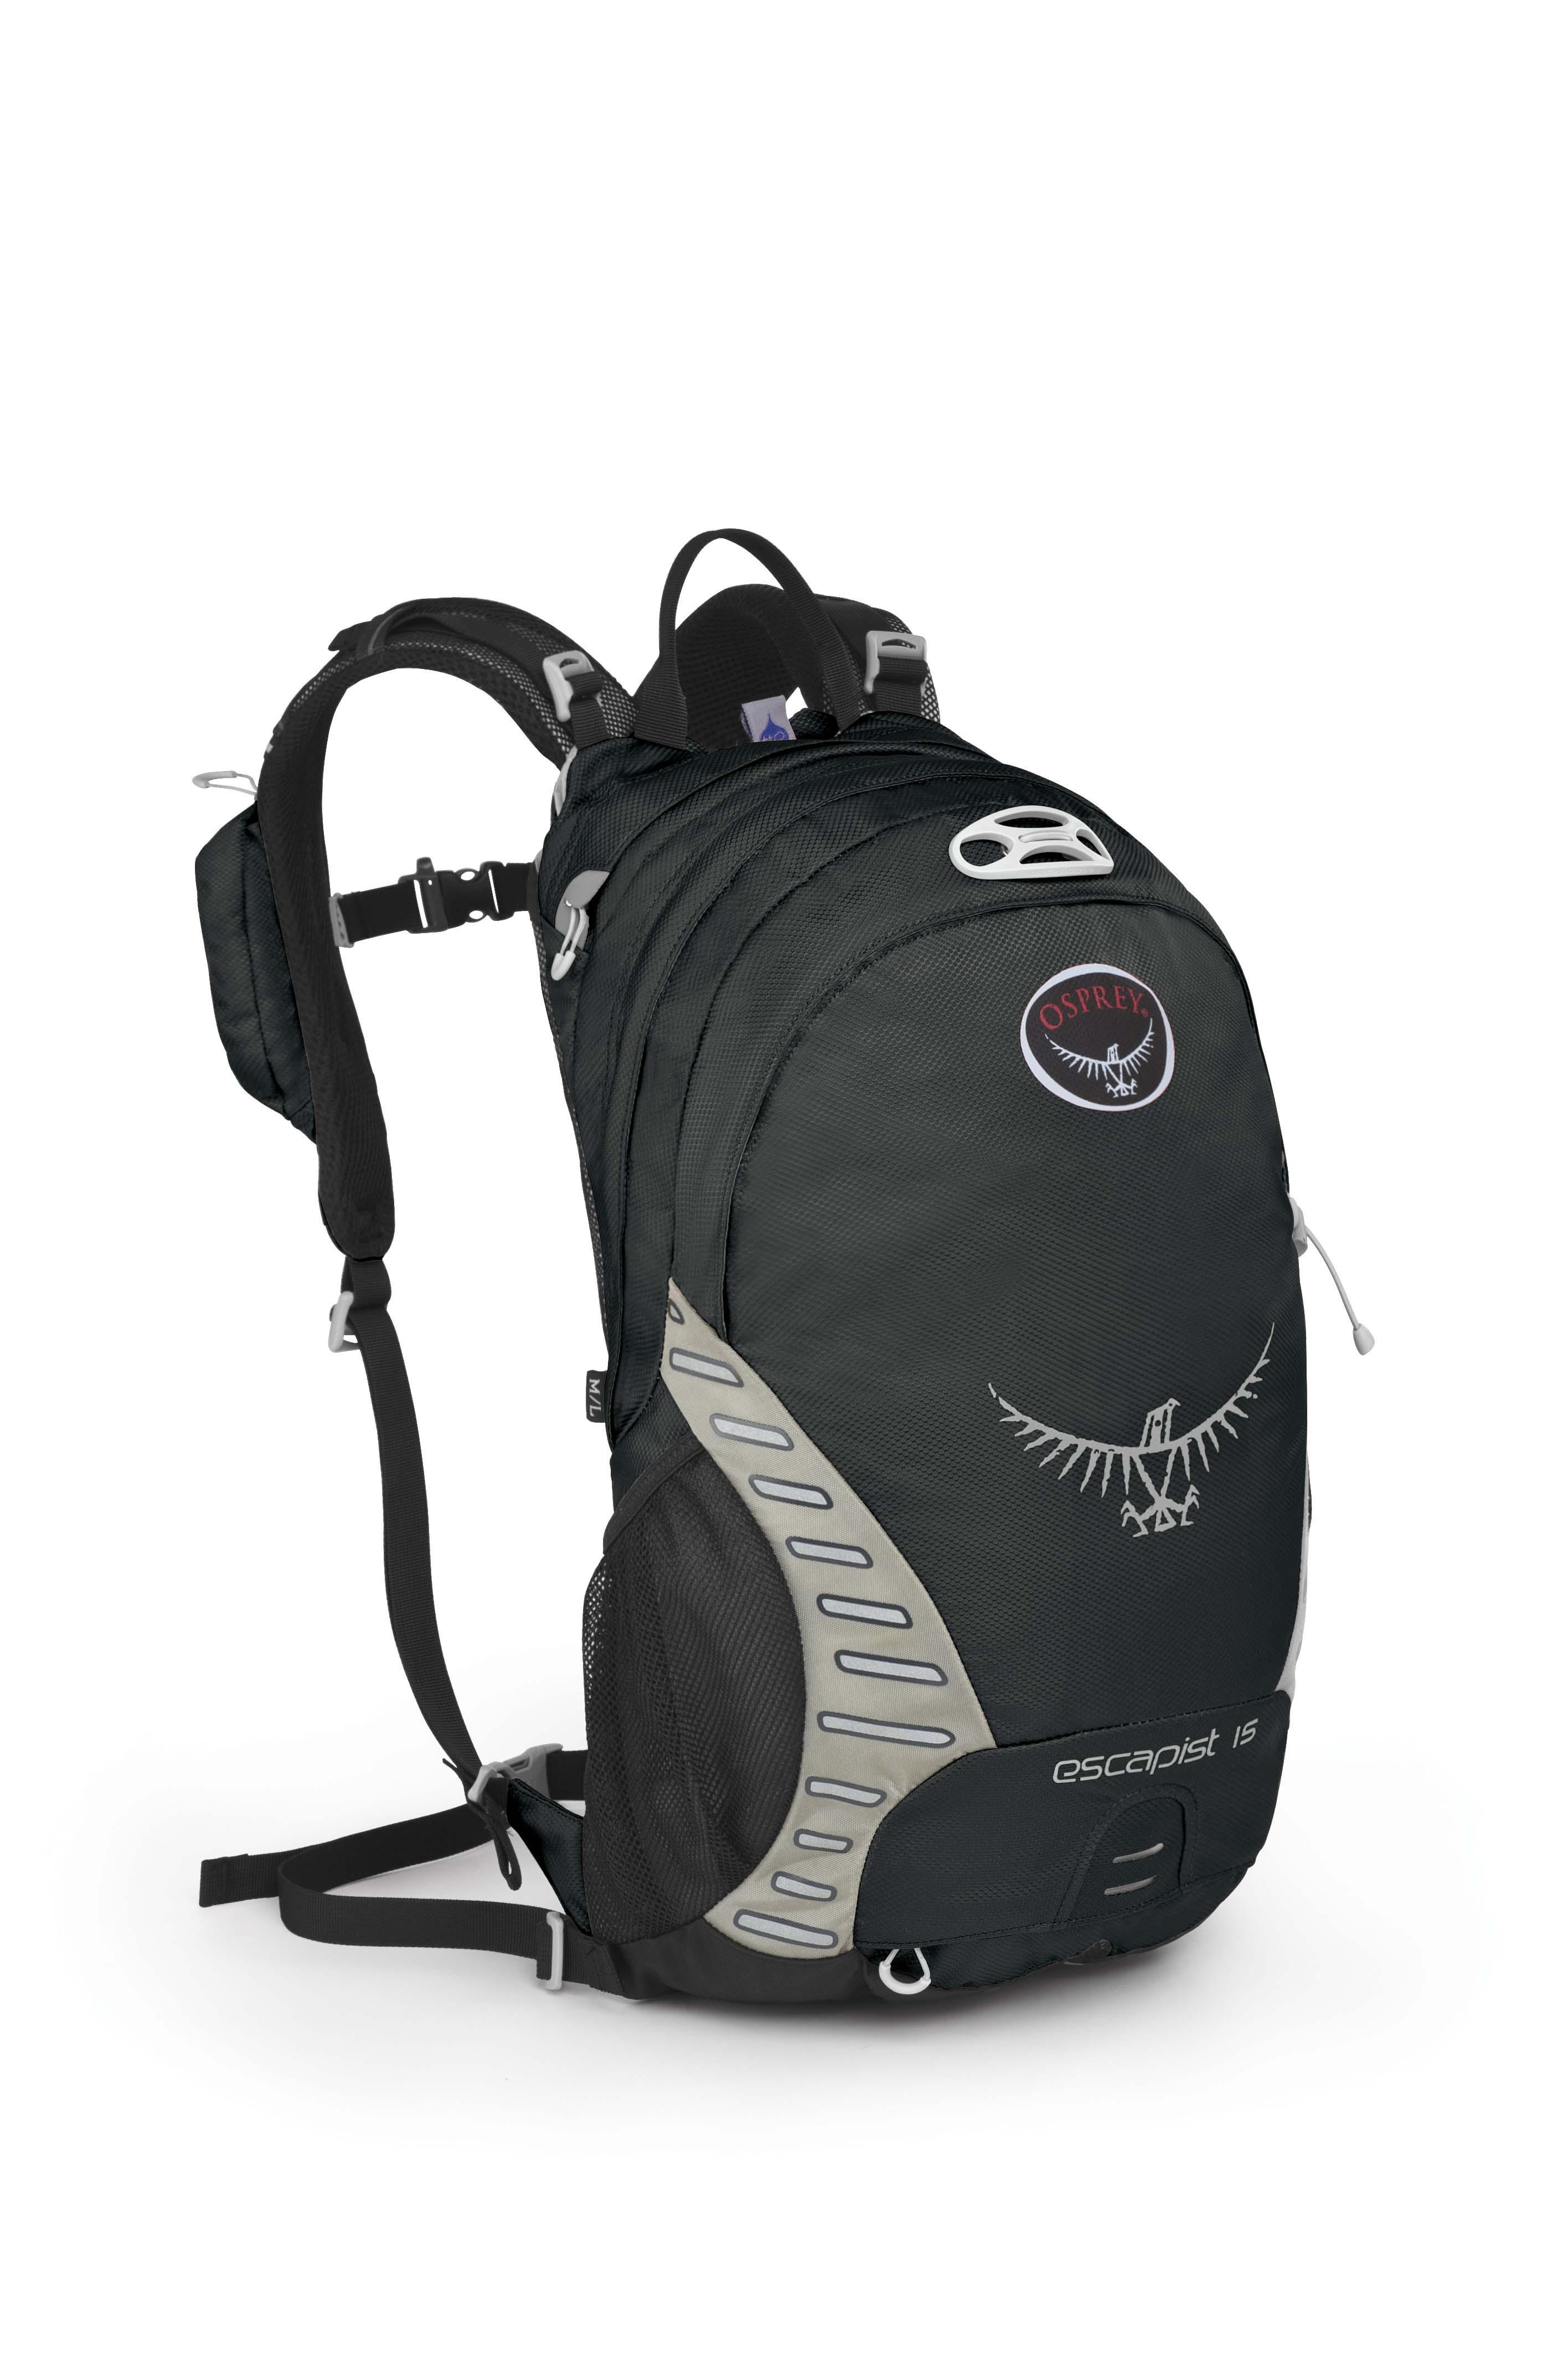 Osprey Escapist 15 Grit-30